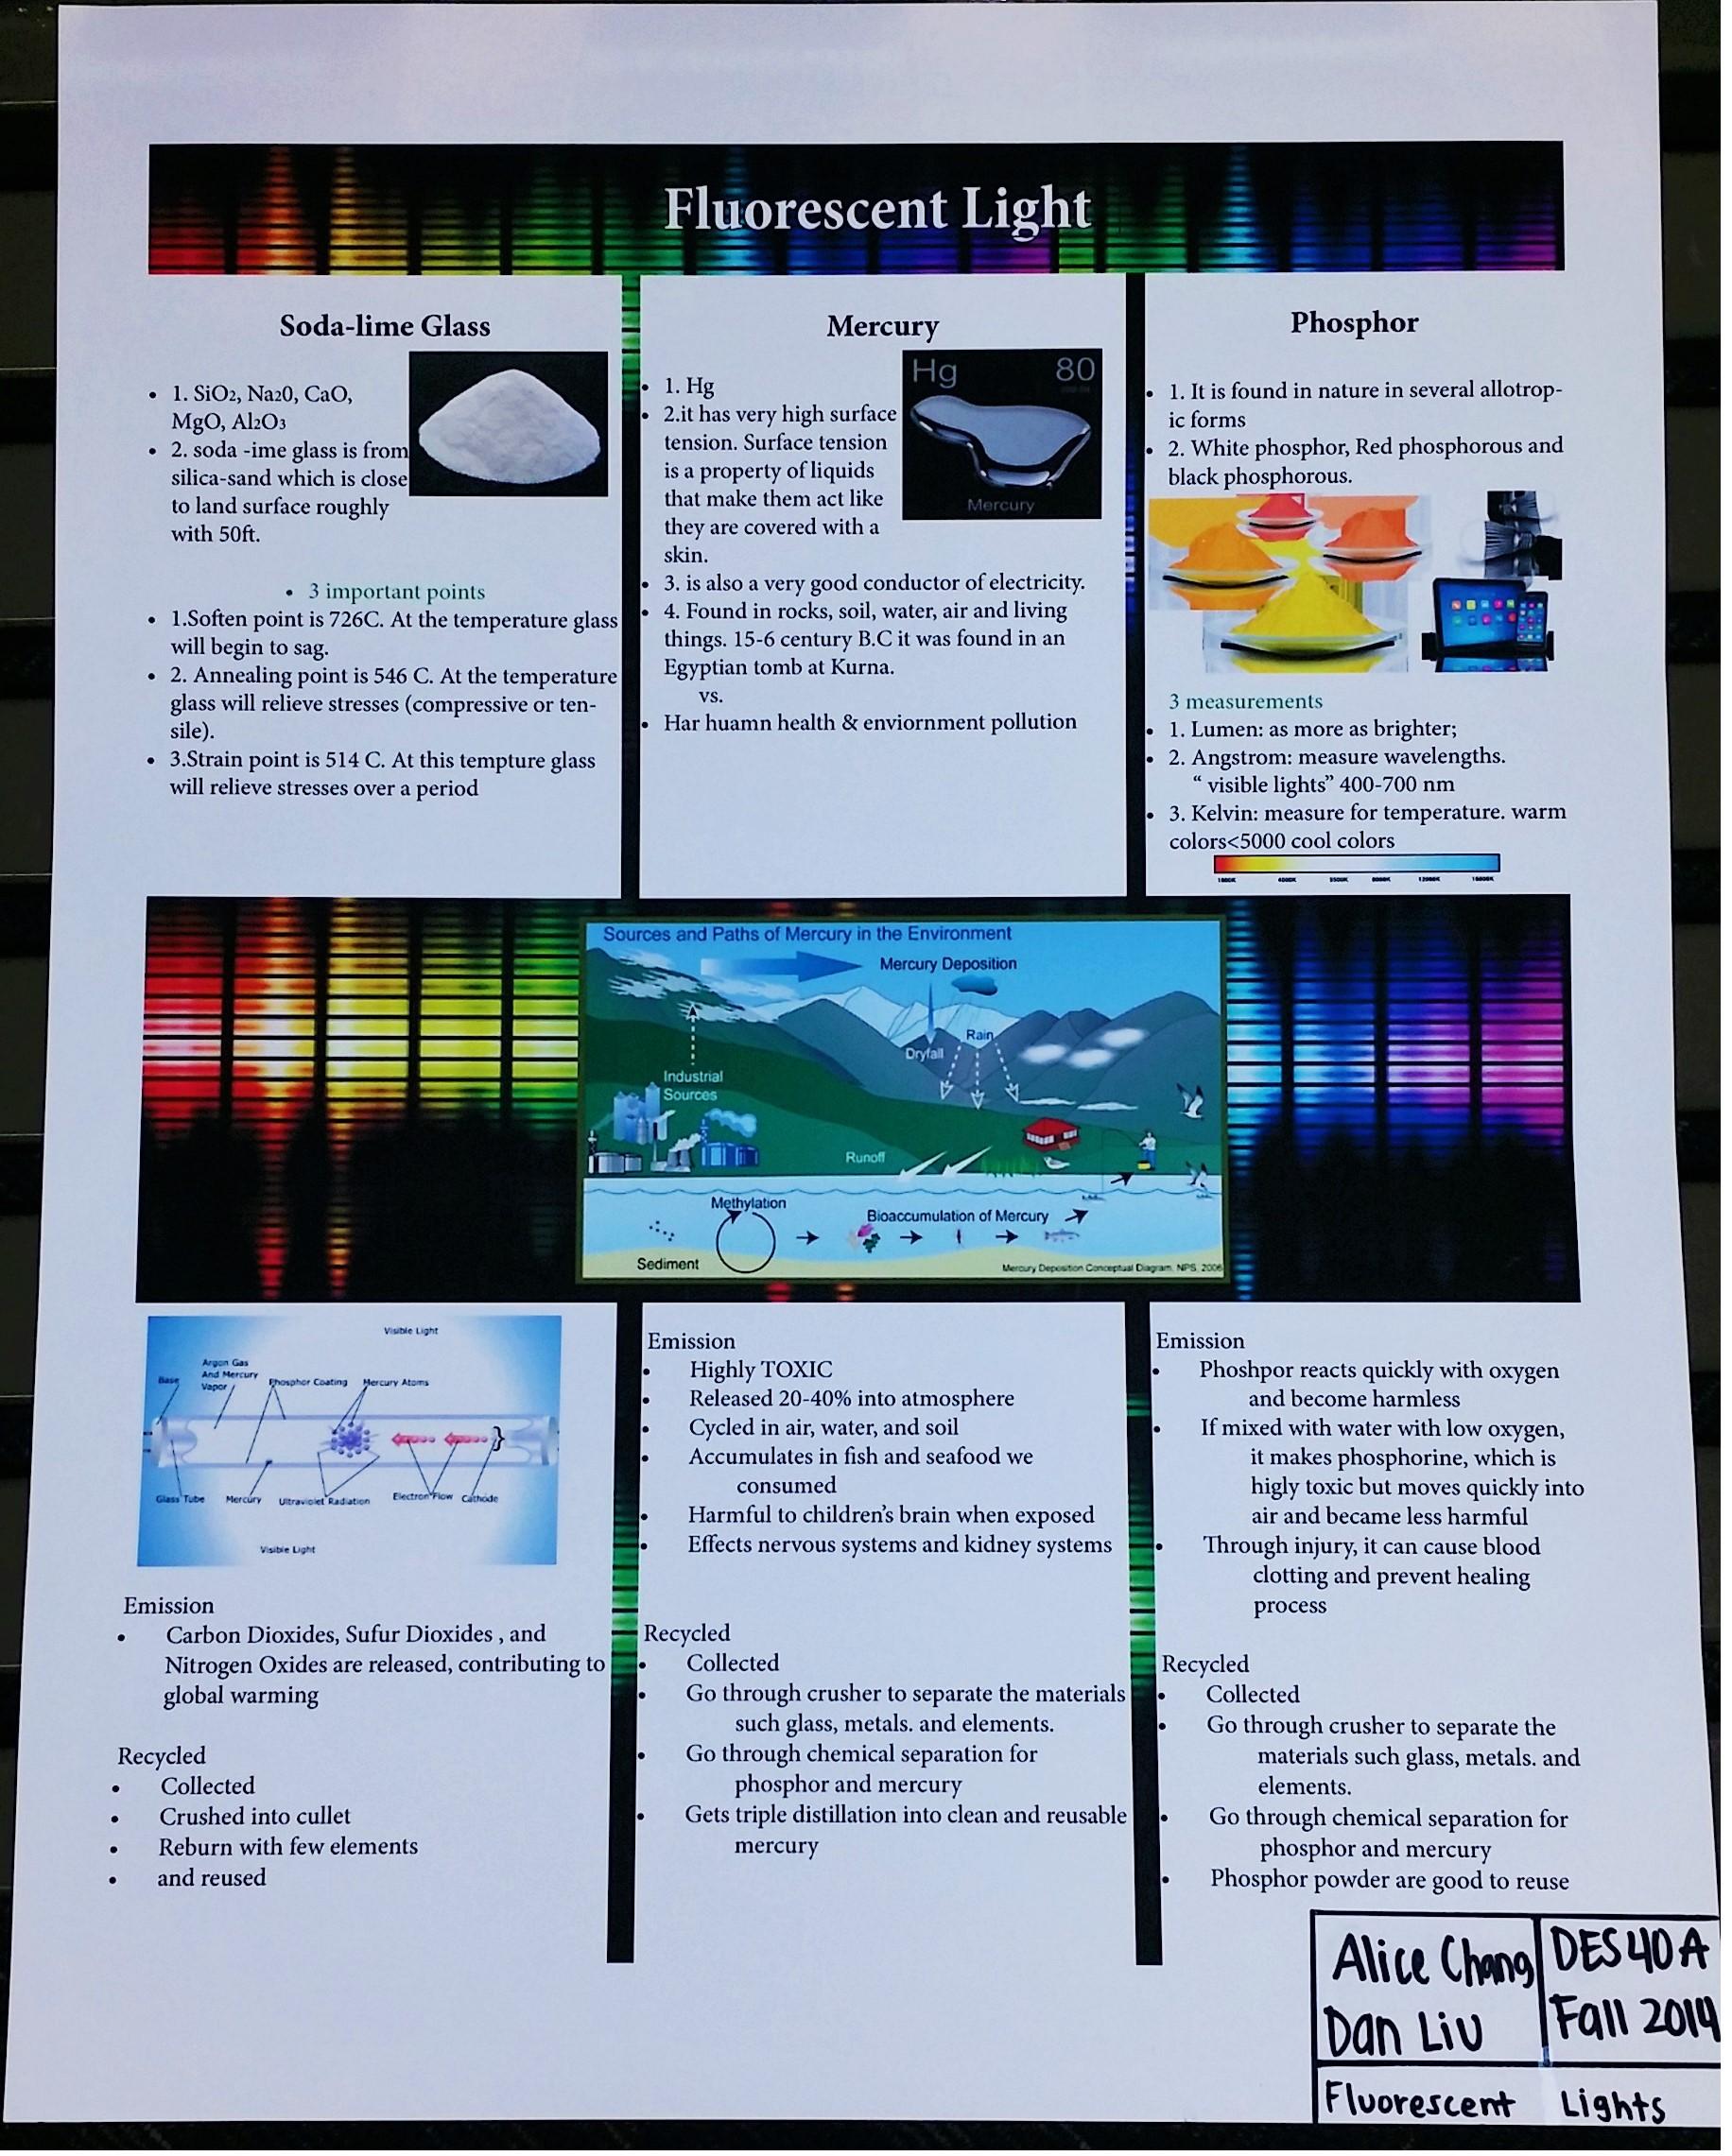 fluorescentlights_D.Liu&A.Chang (2).jpg